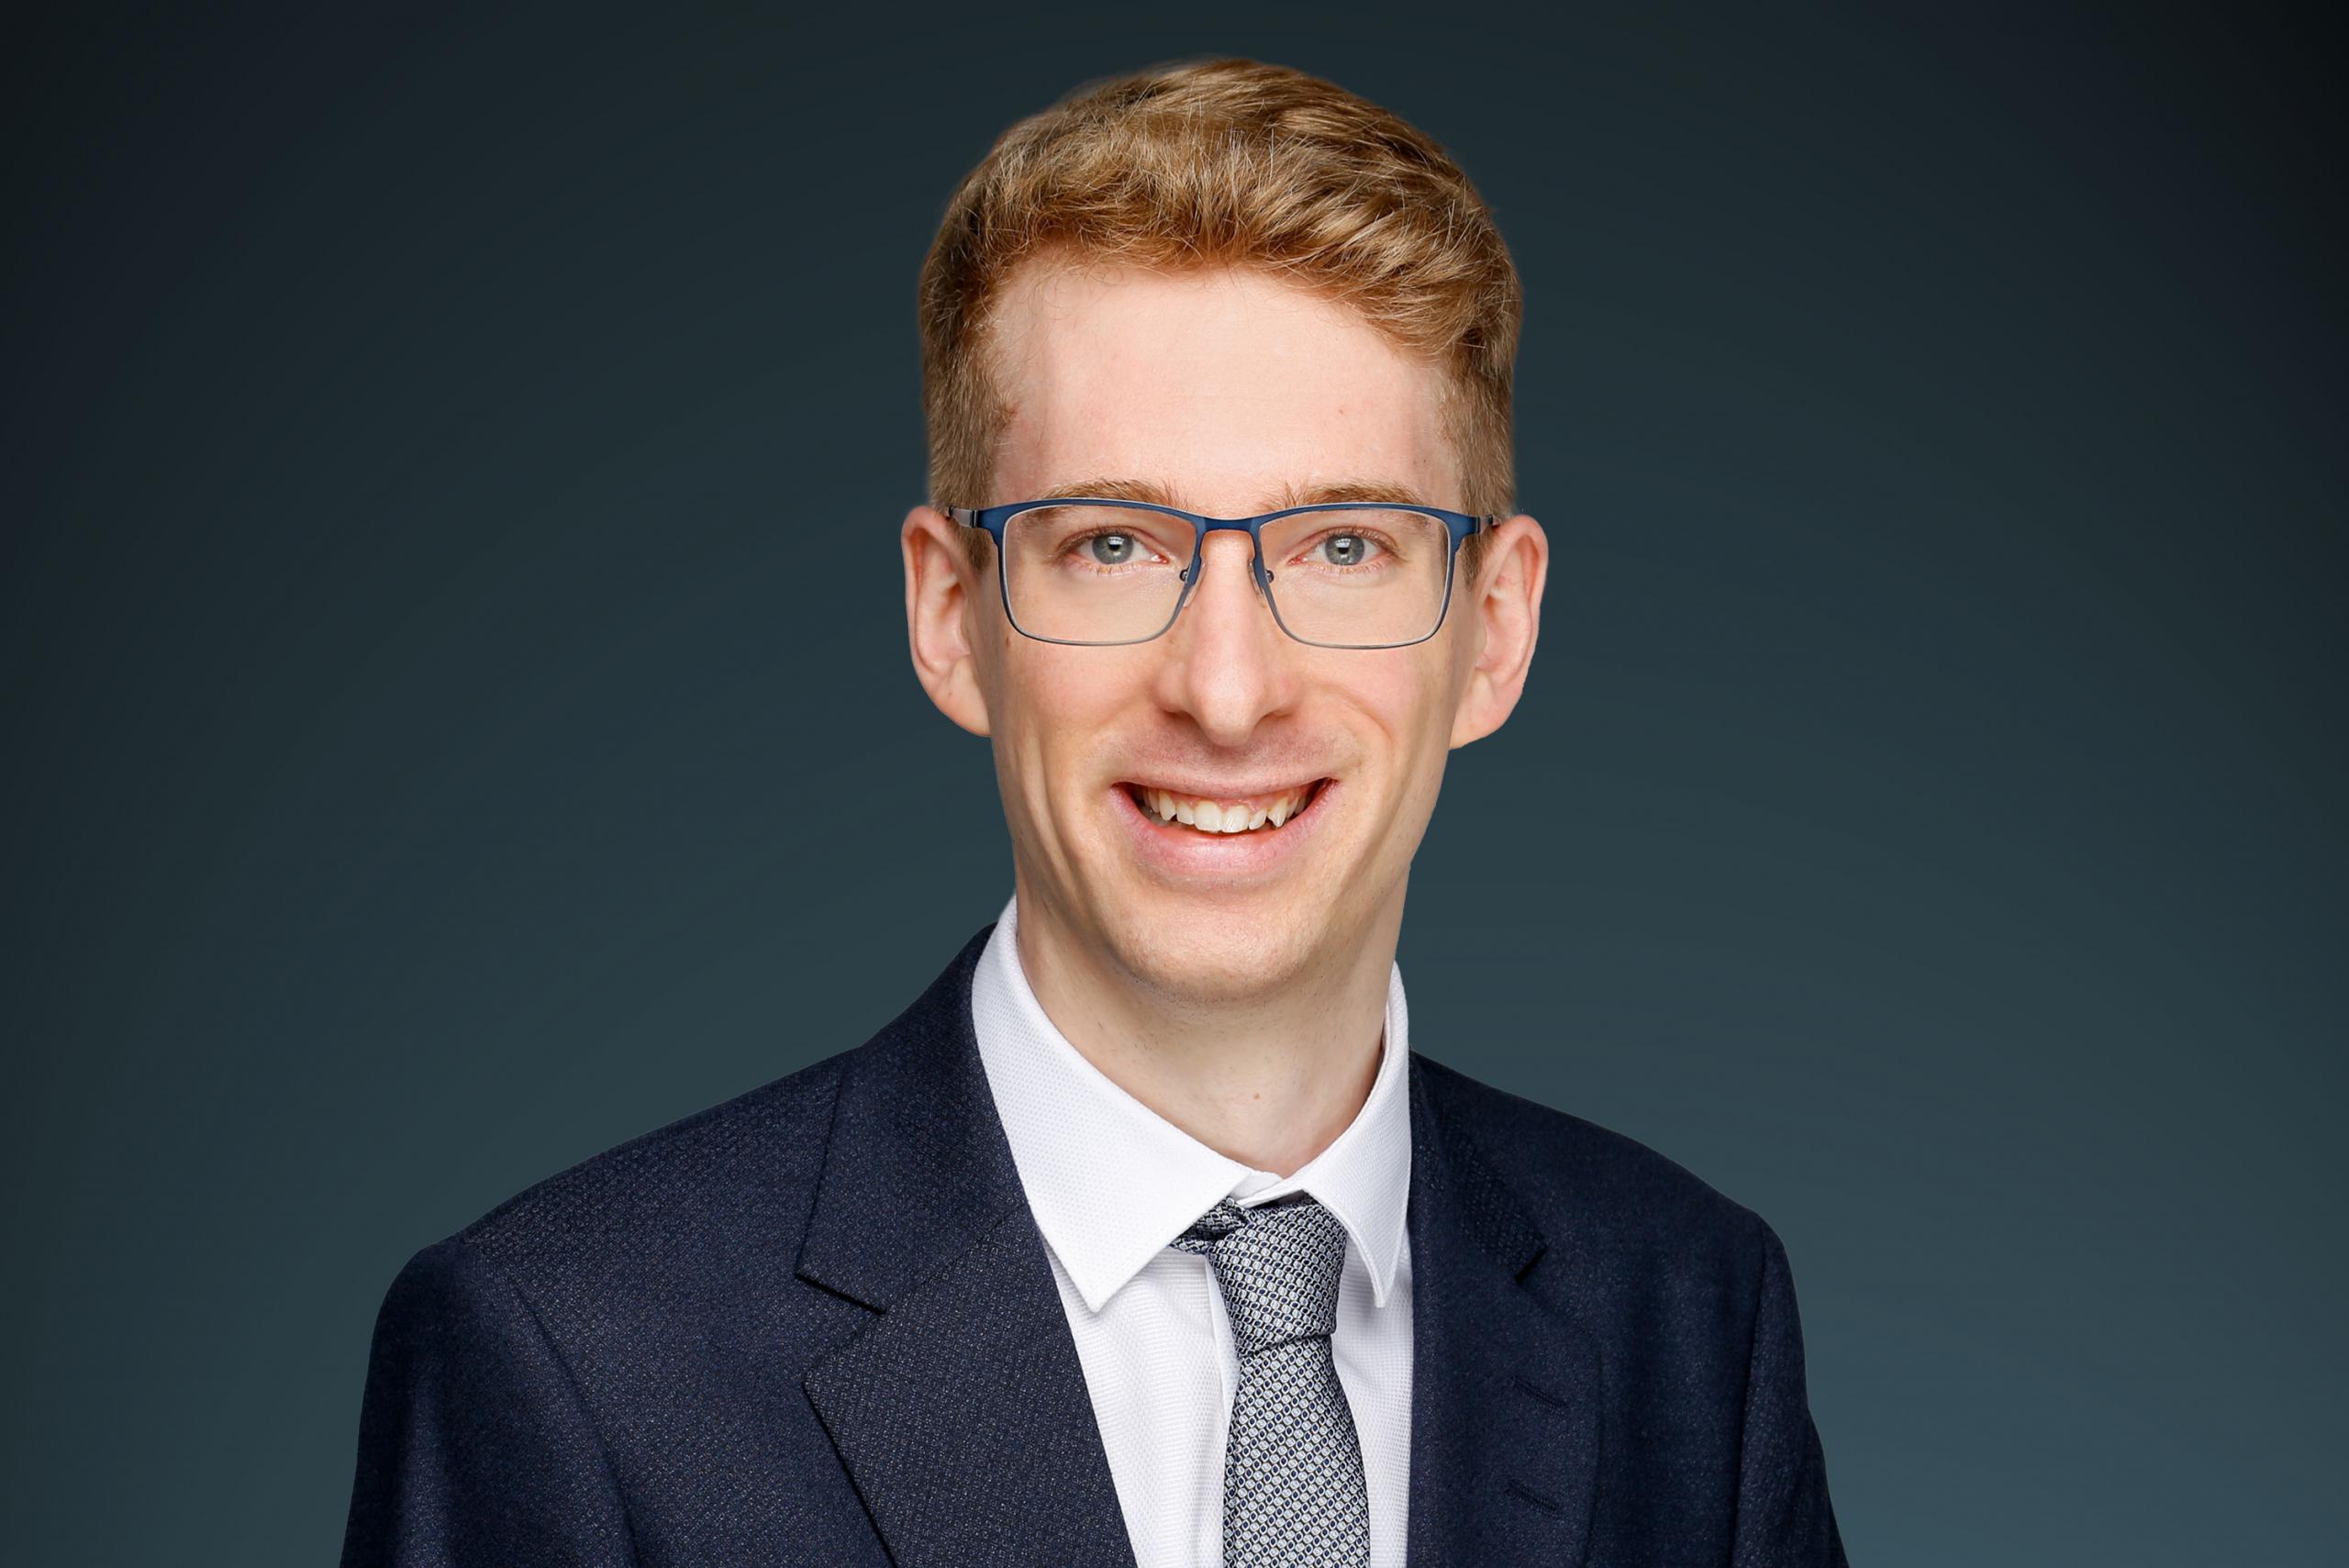 Bernhard Kuske